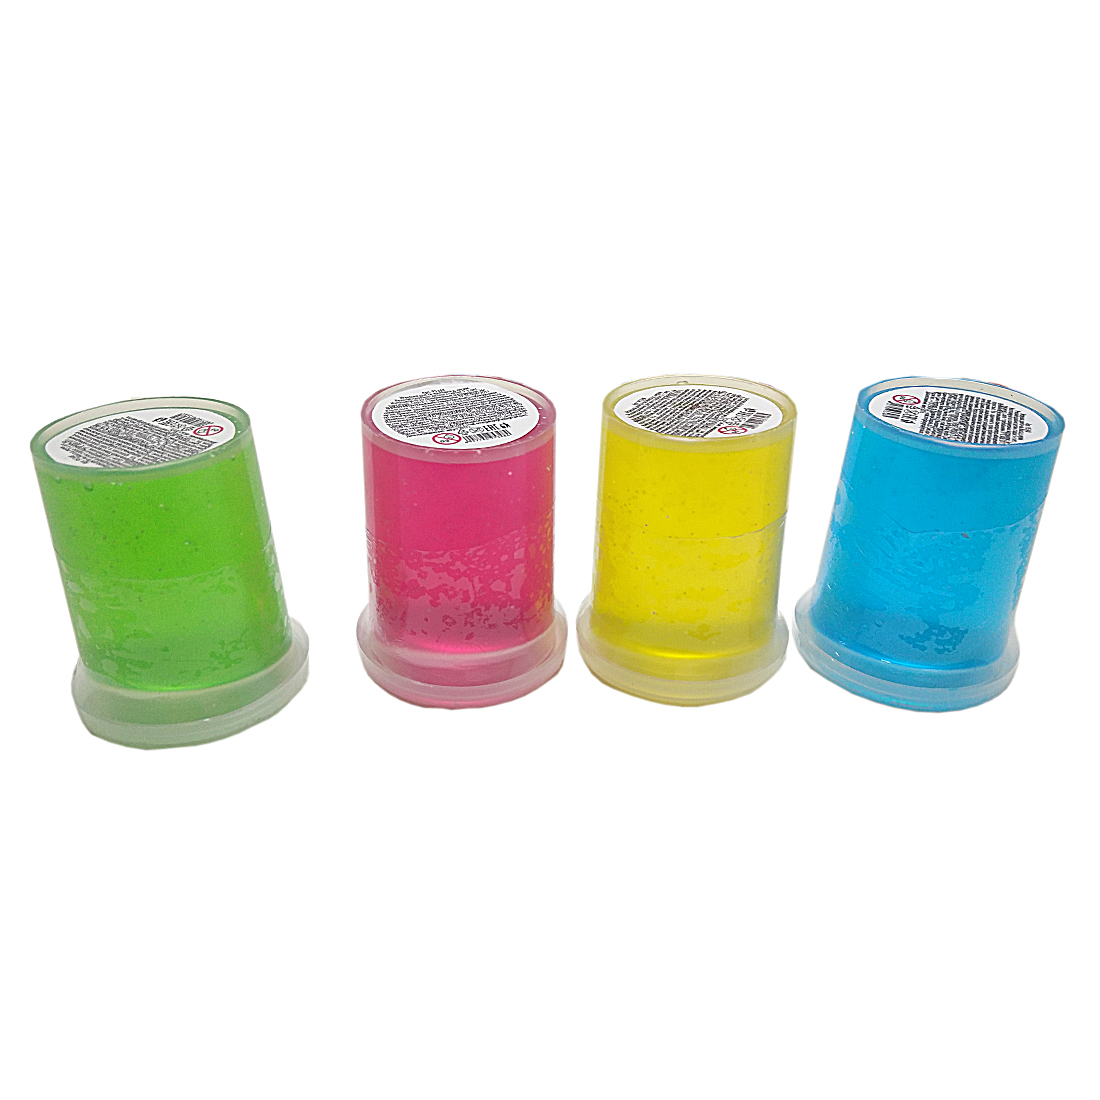 Развивающие игрушки Color Puppy с блестками развивающие игрушки i baby сова с яблоком